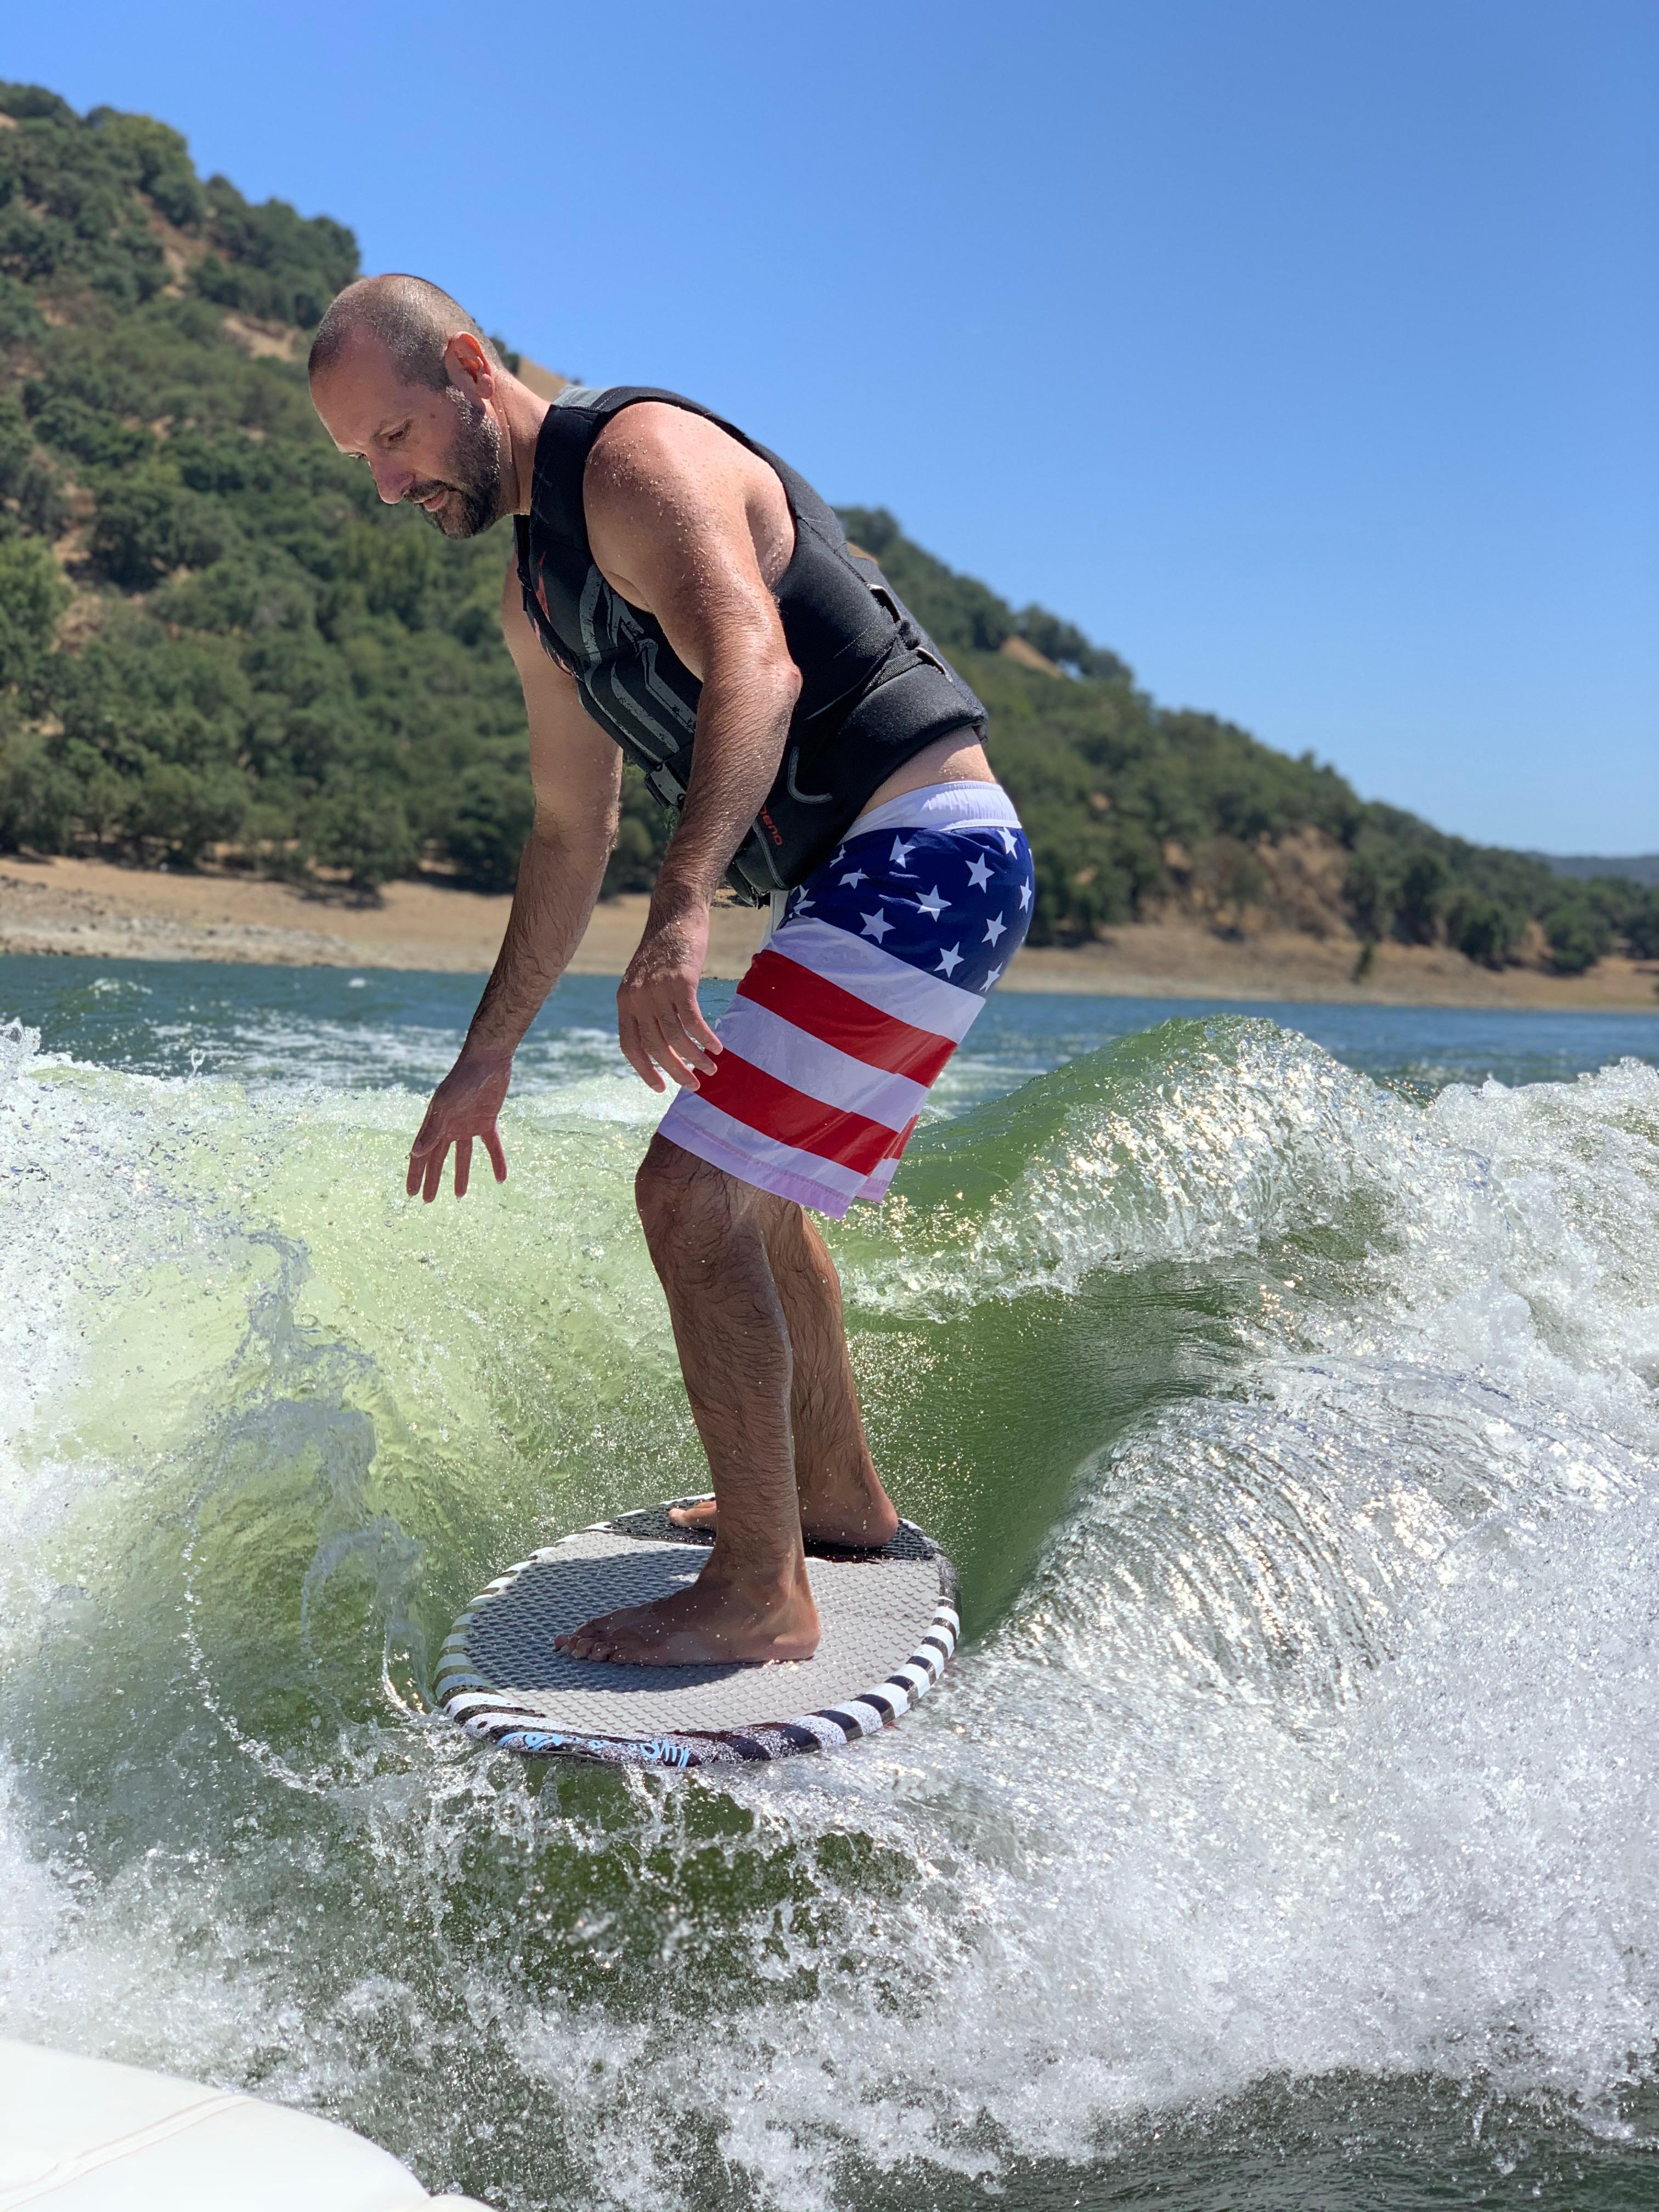 Mr. W wake surfing